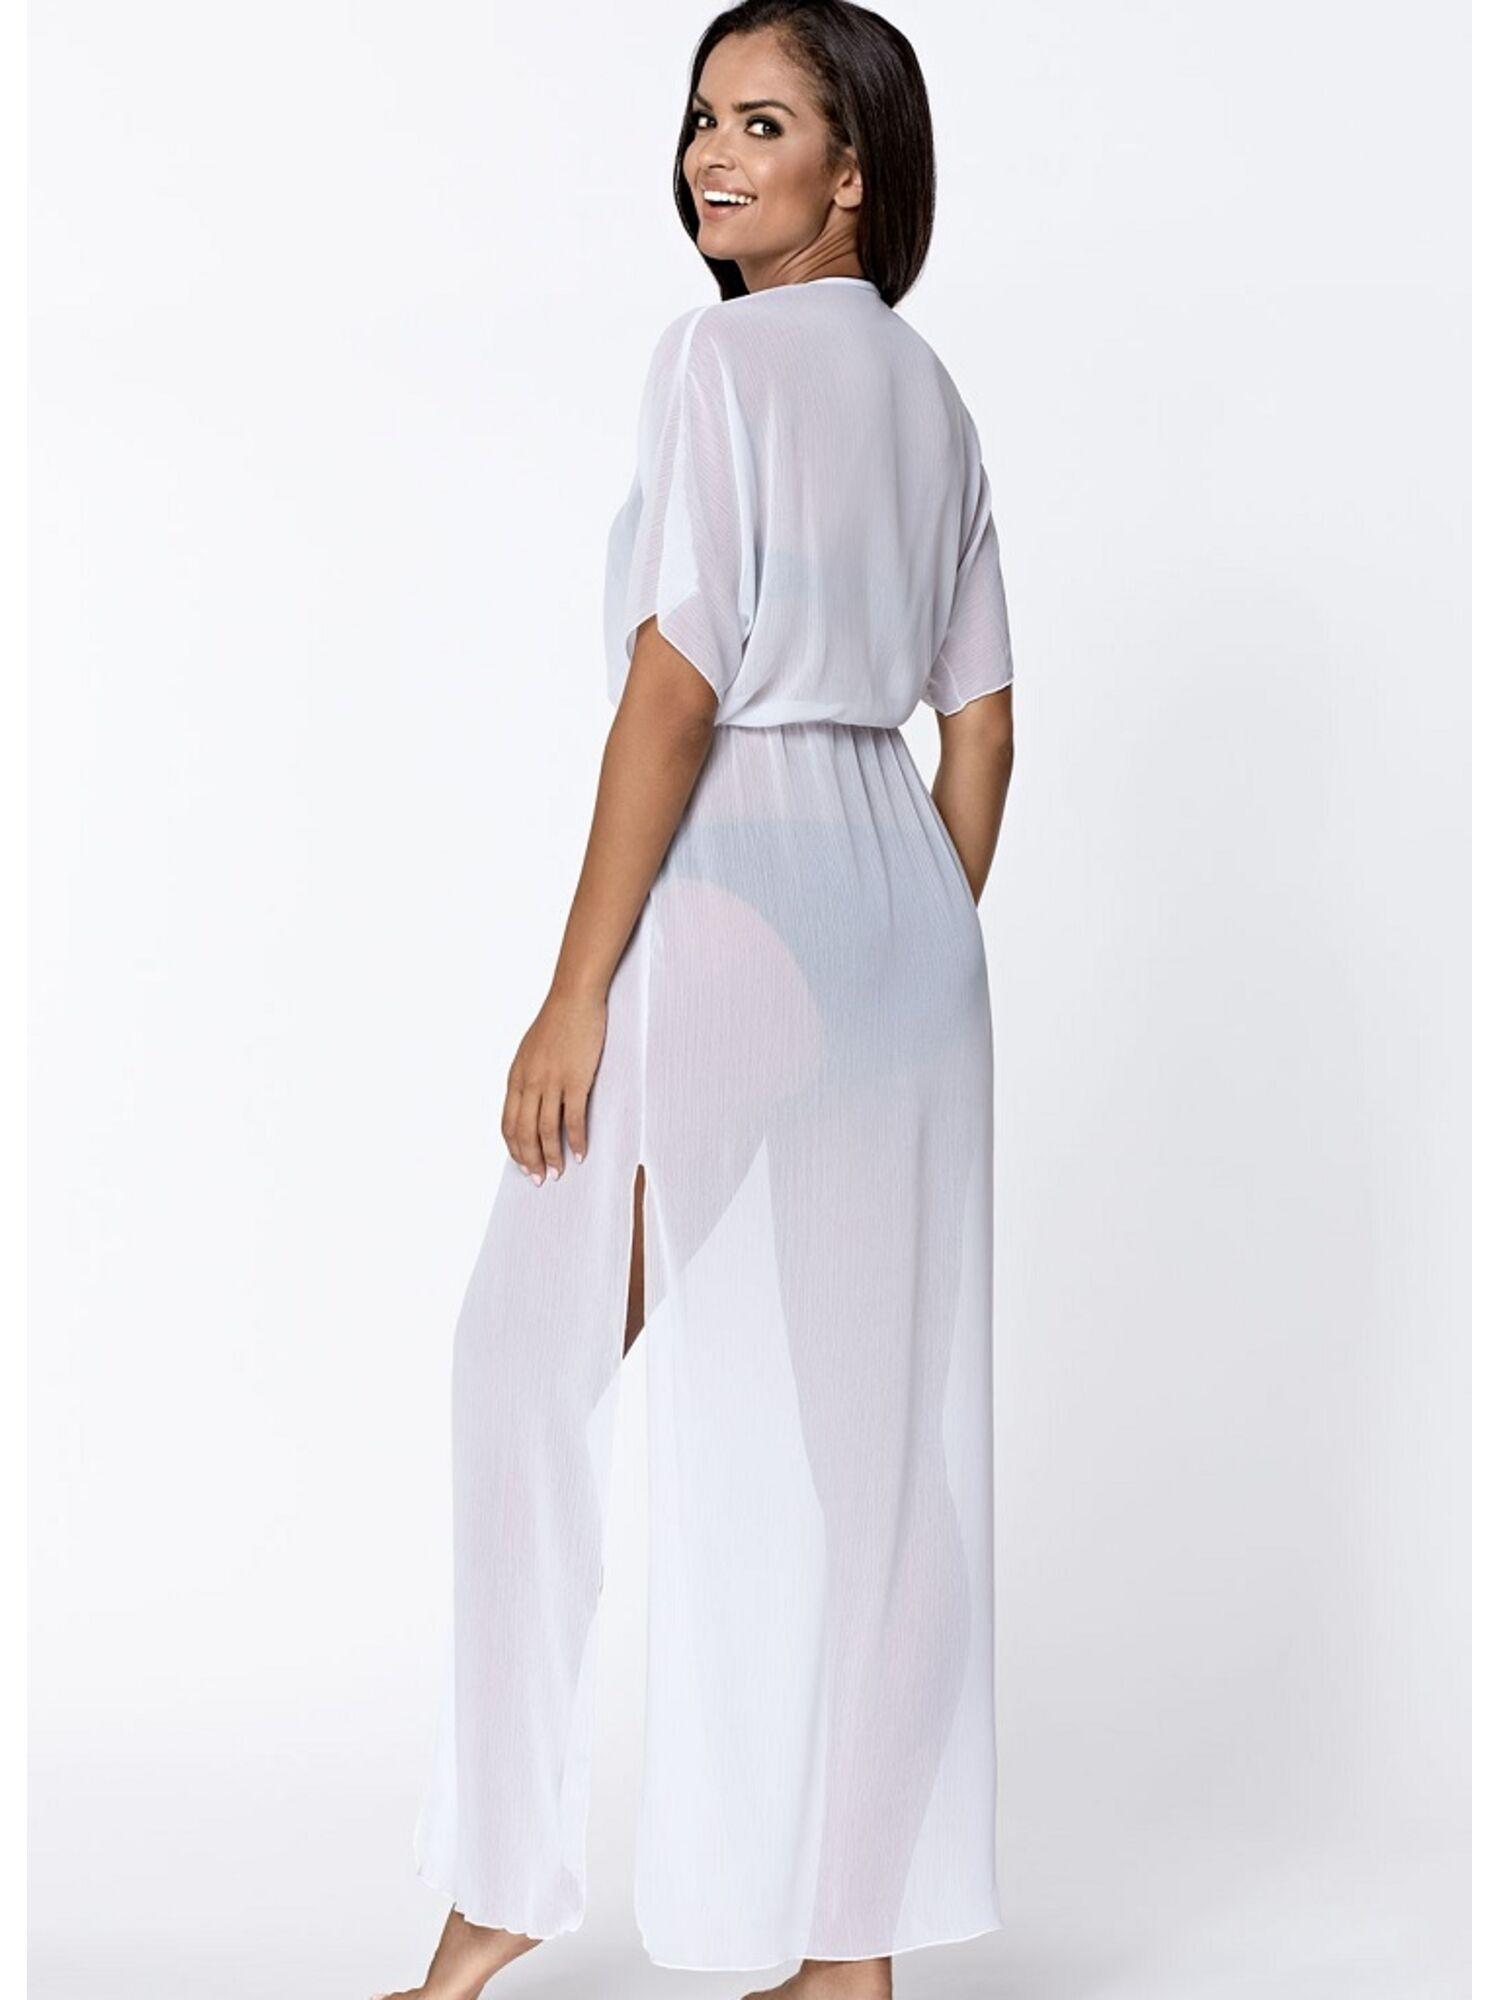 Женский пляжный халат L6018/9 белый, Lorin (Польша)